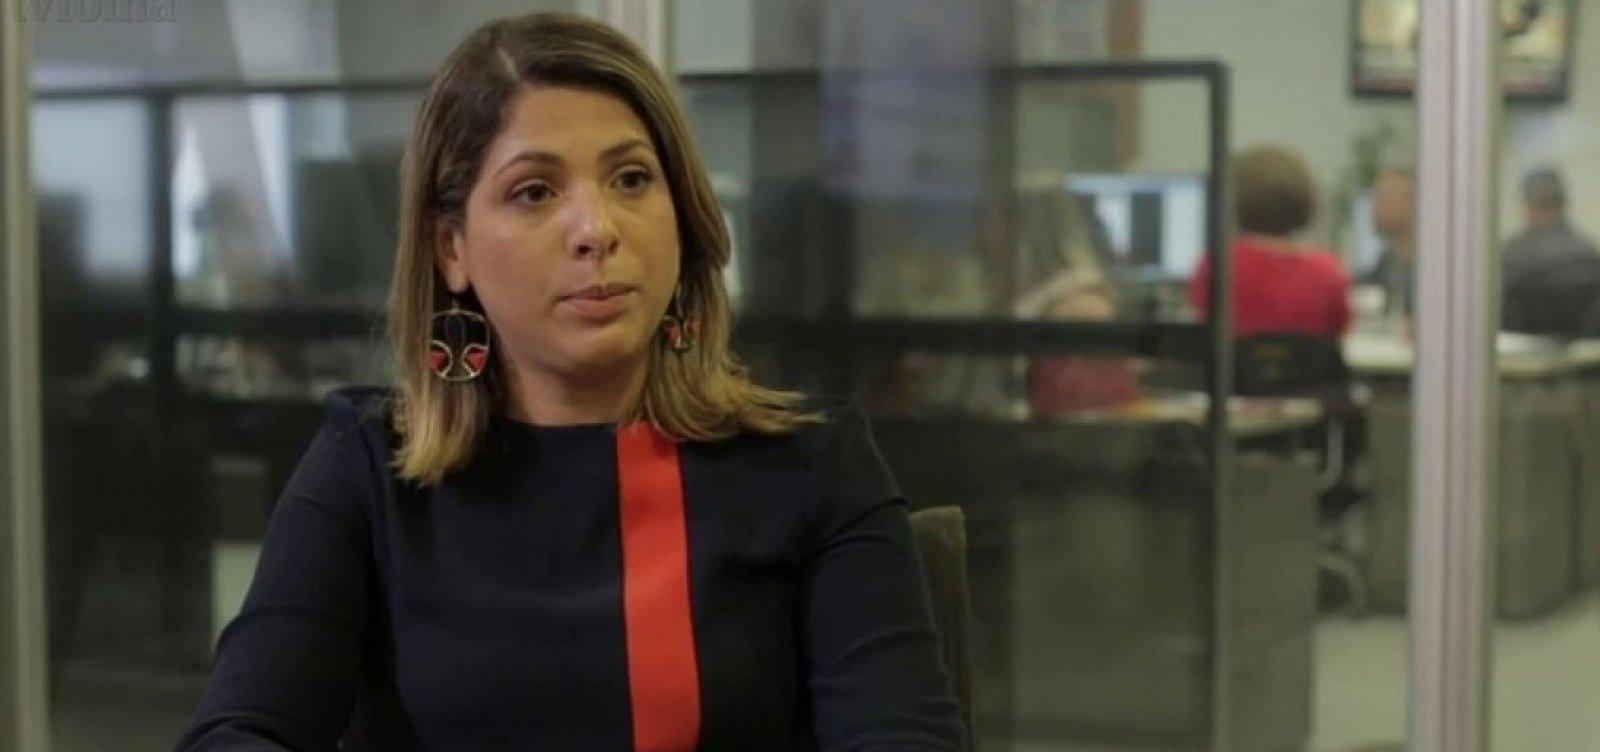 [Para jornalista, 'falta clareza' de equipe de Bolsonaro na Saúde e Educação]